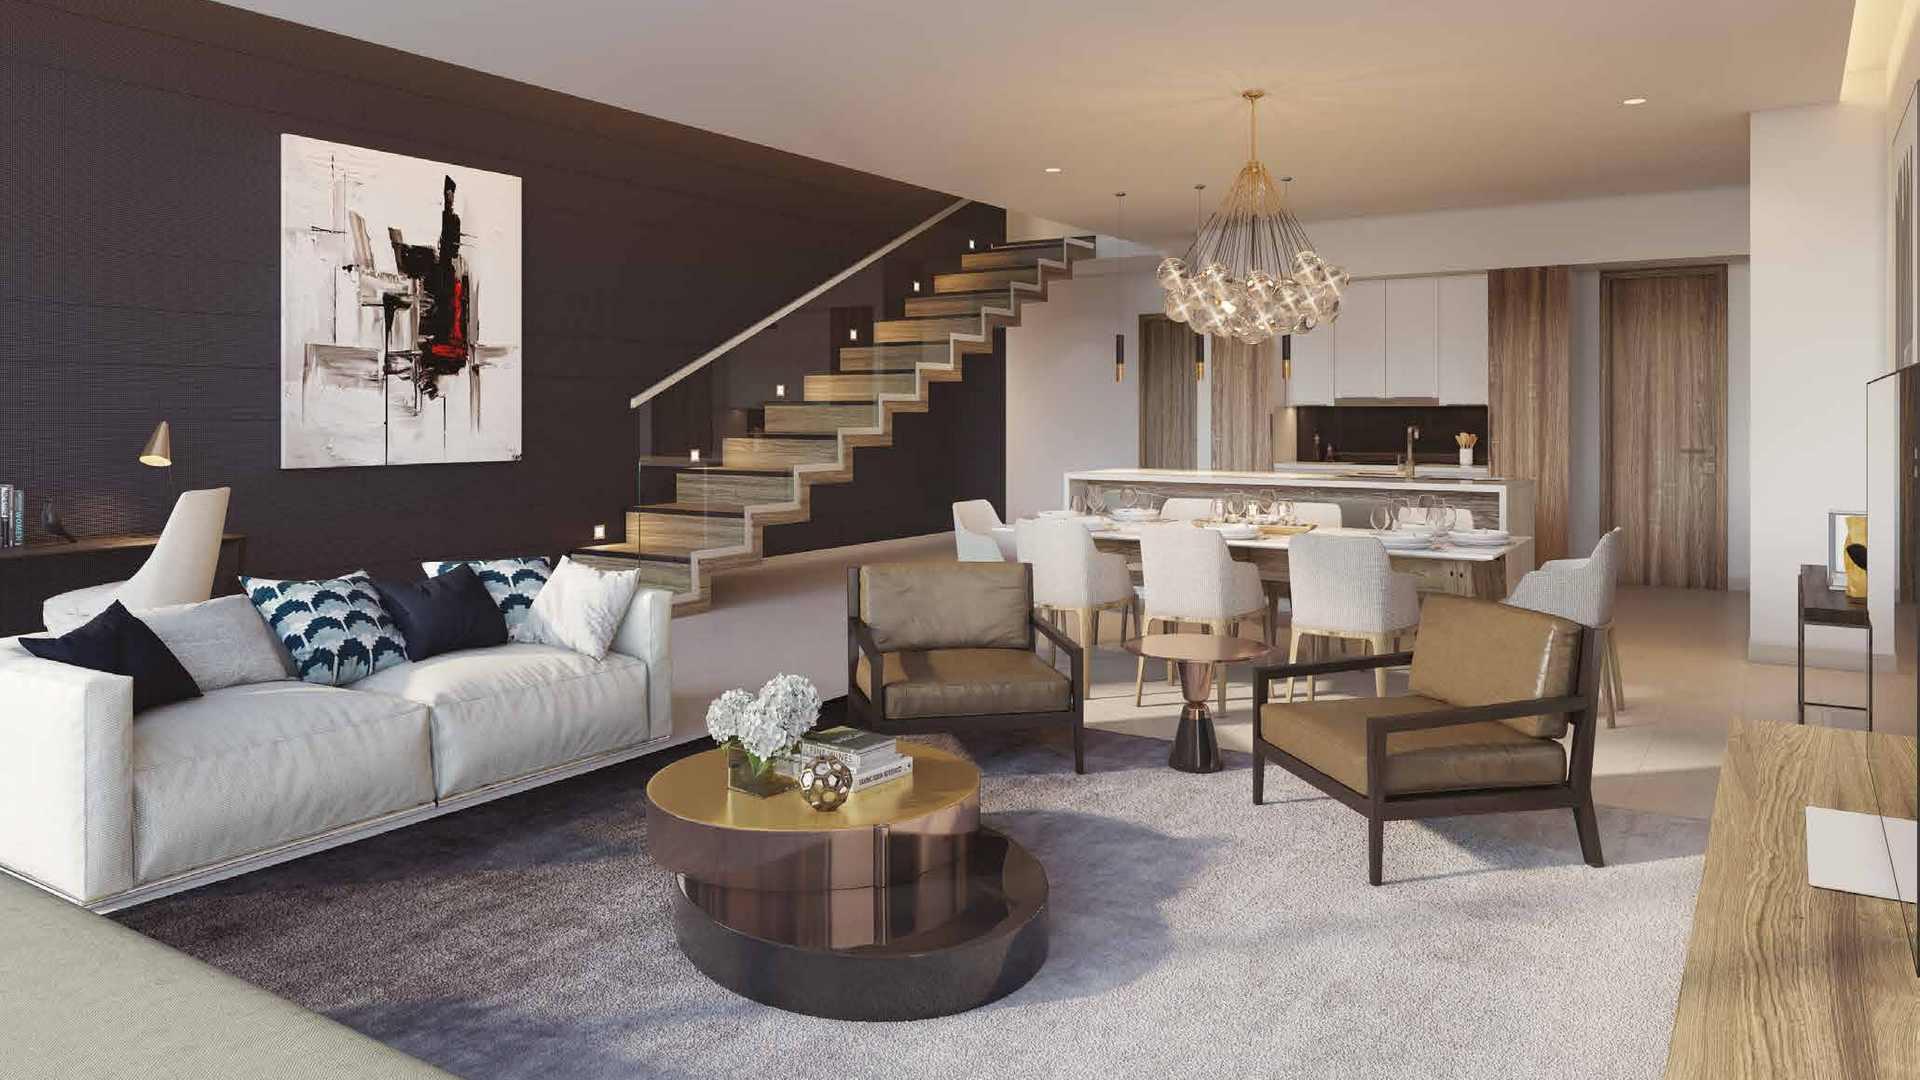 Apartamento en venta en Dubai, EAU, 1 dormitorio, 71 m2, № 23852 – foto 1